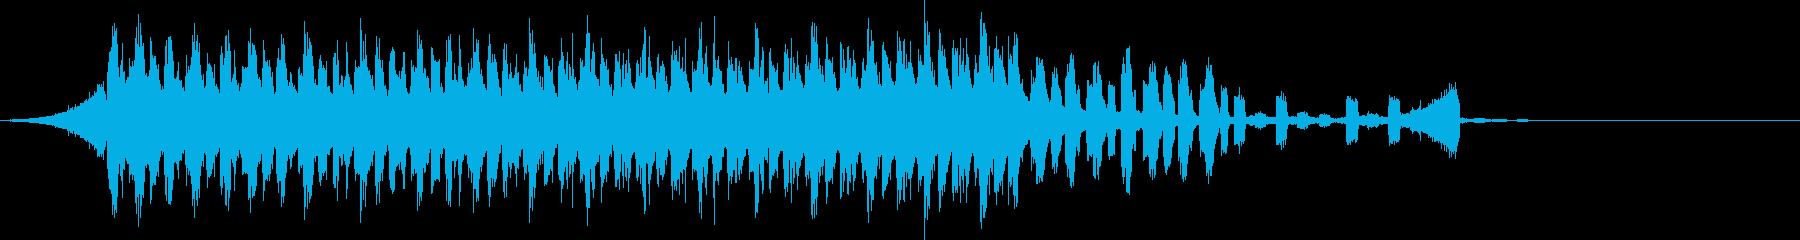 CM明るく爽快軽快ピアノポップジングルaの再生済みの波形